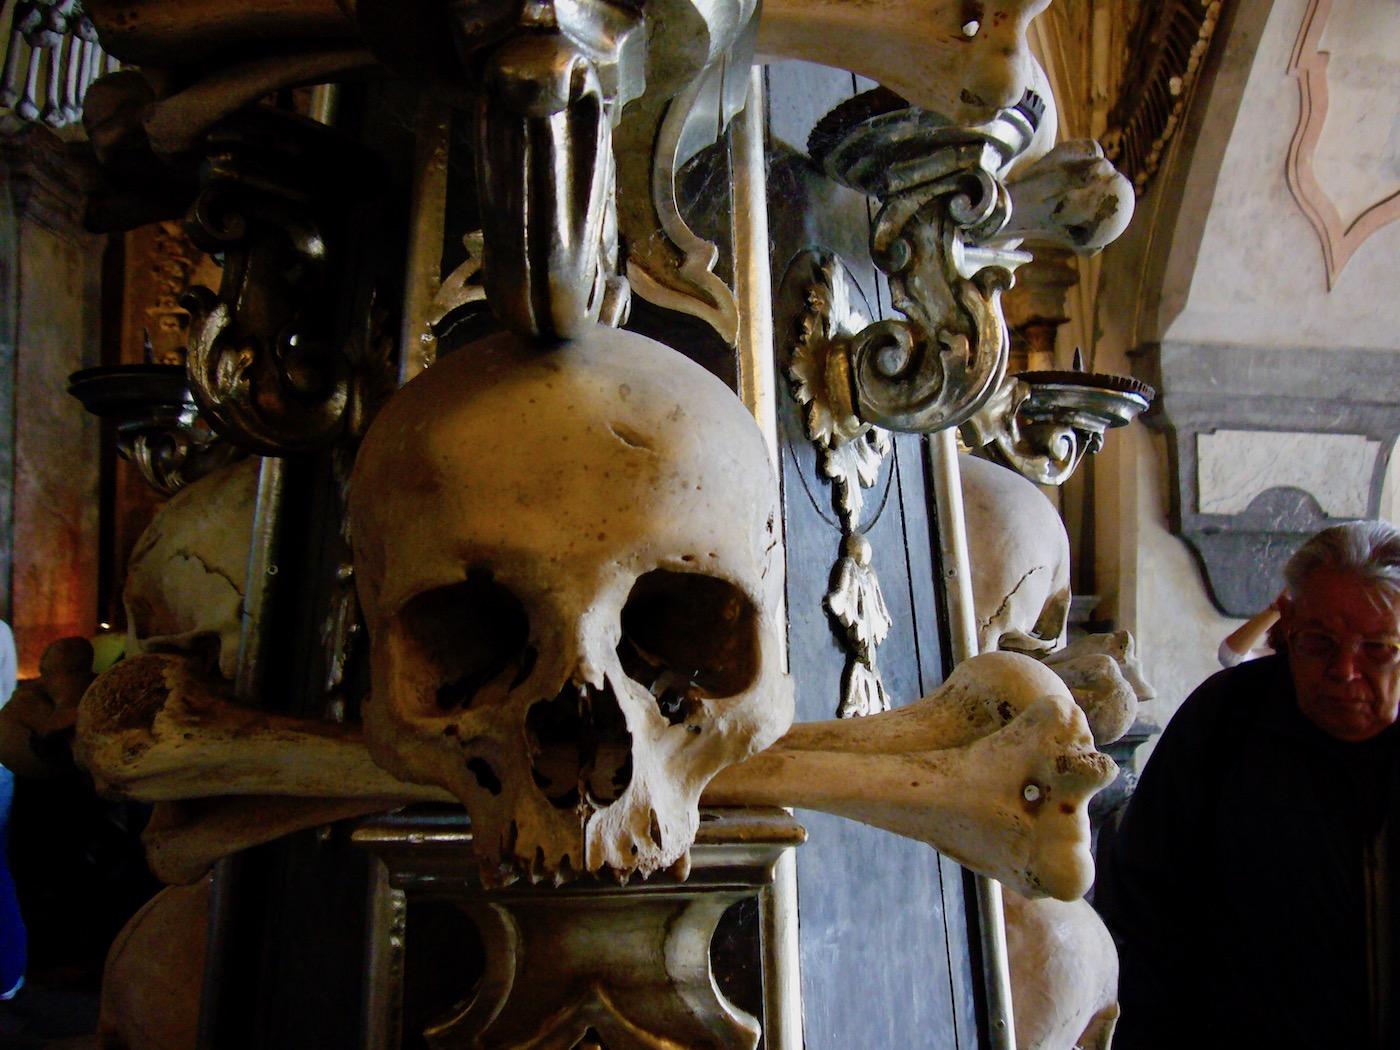 mark_benecke_kutna_hora_sedlec_prag_prague_ossuary_ossuarium - 118.jpg